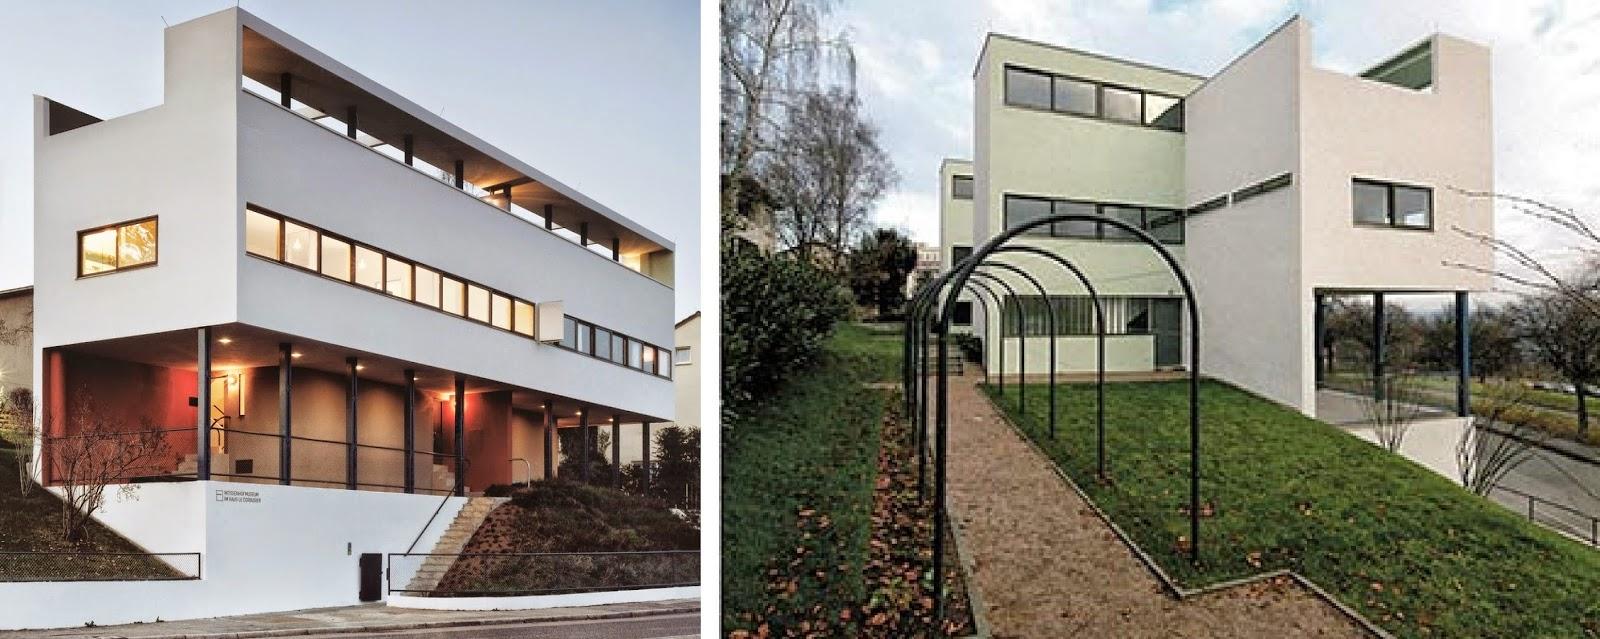 Casa weissenhof le corbusier - Le corbusier casas ...